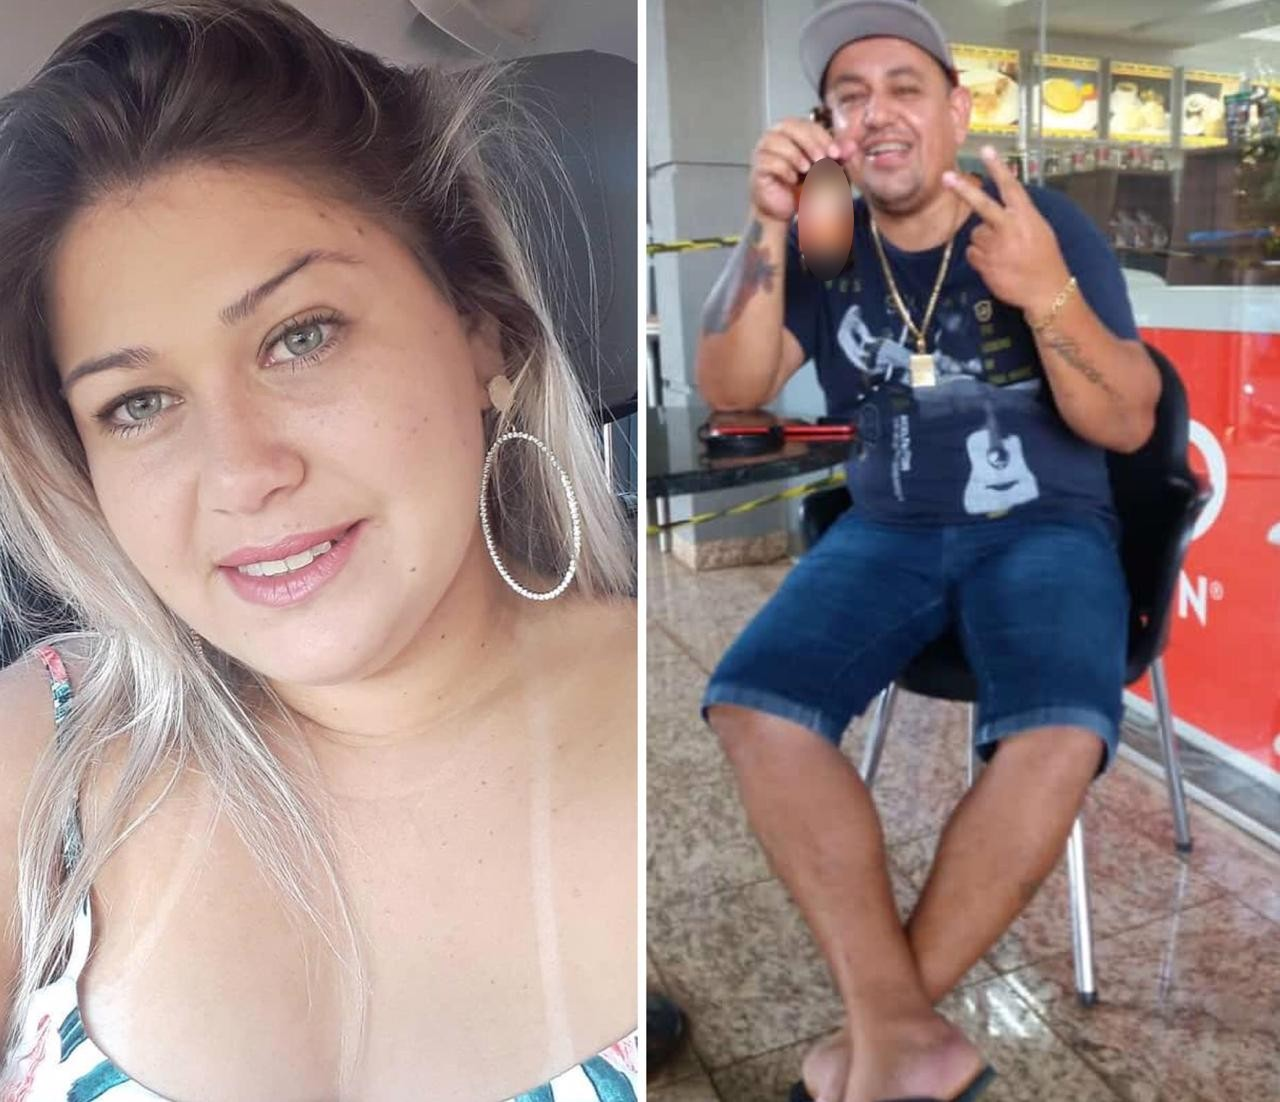 Duas pessoas morrem e 4 ficam feridas após tiroteio em conveniência em MT